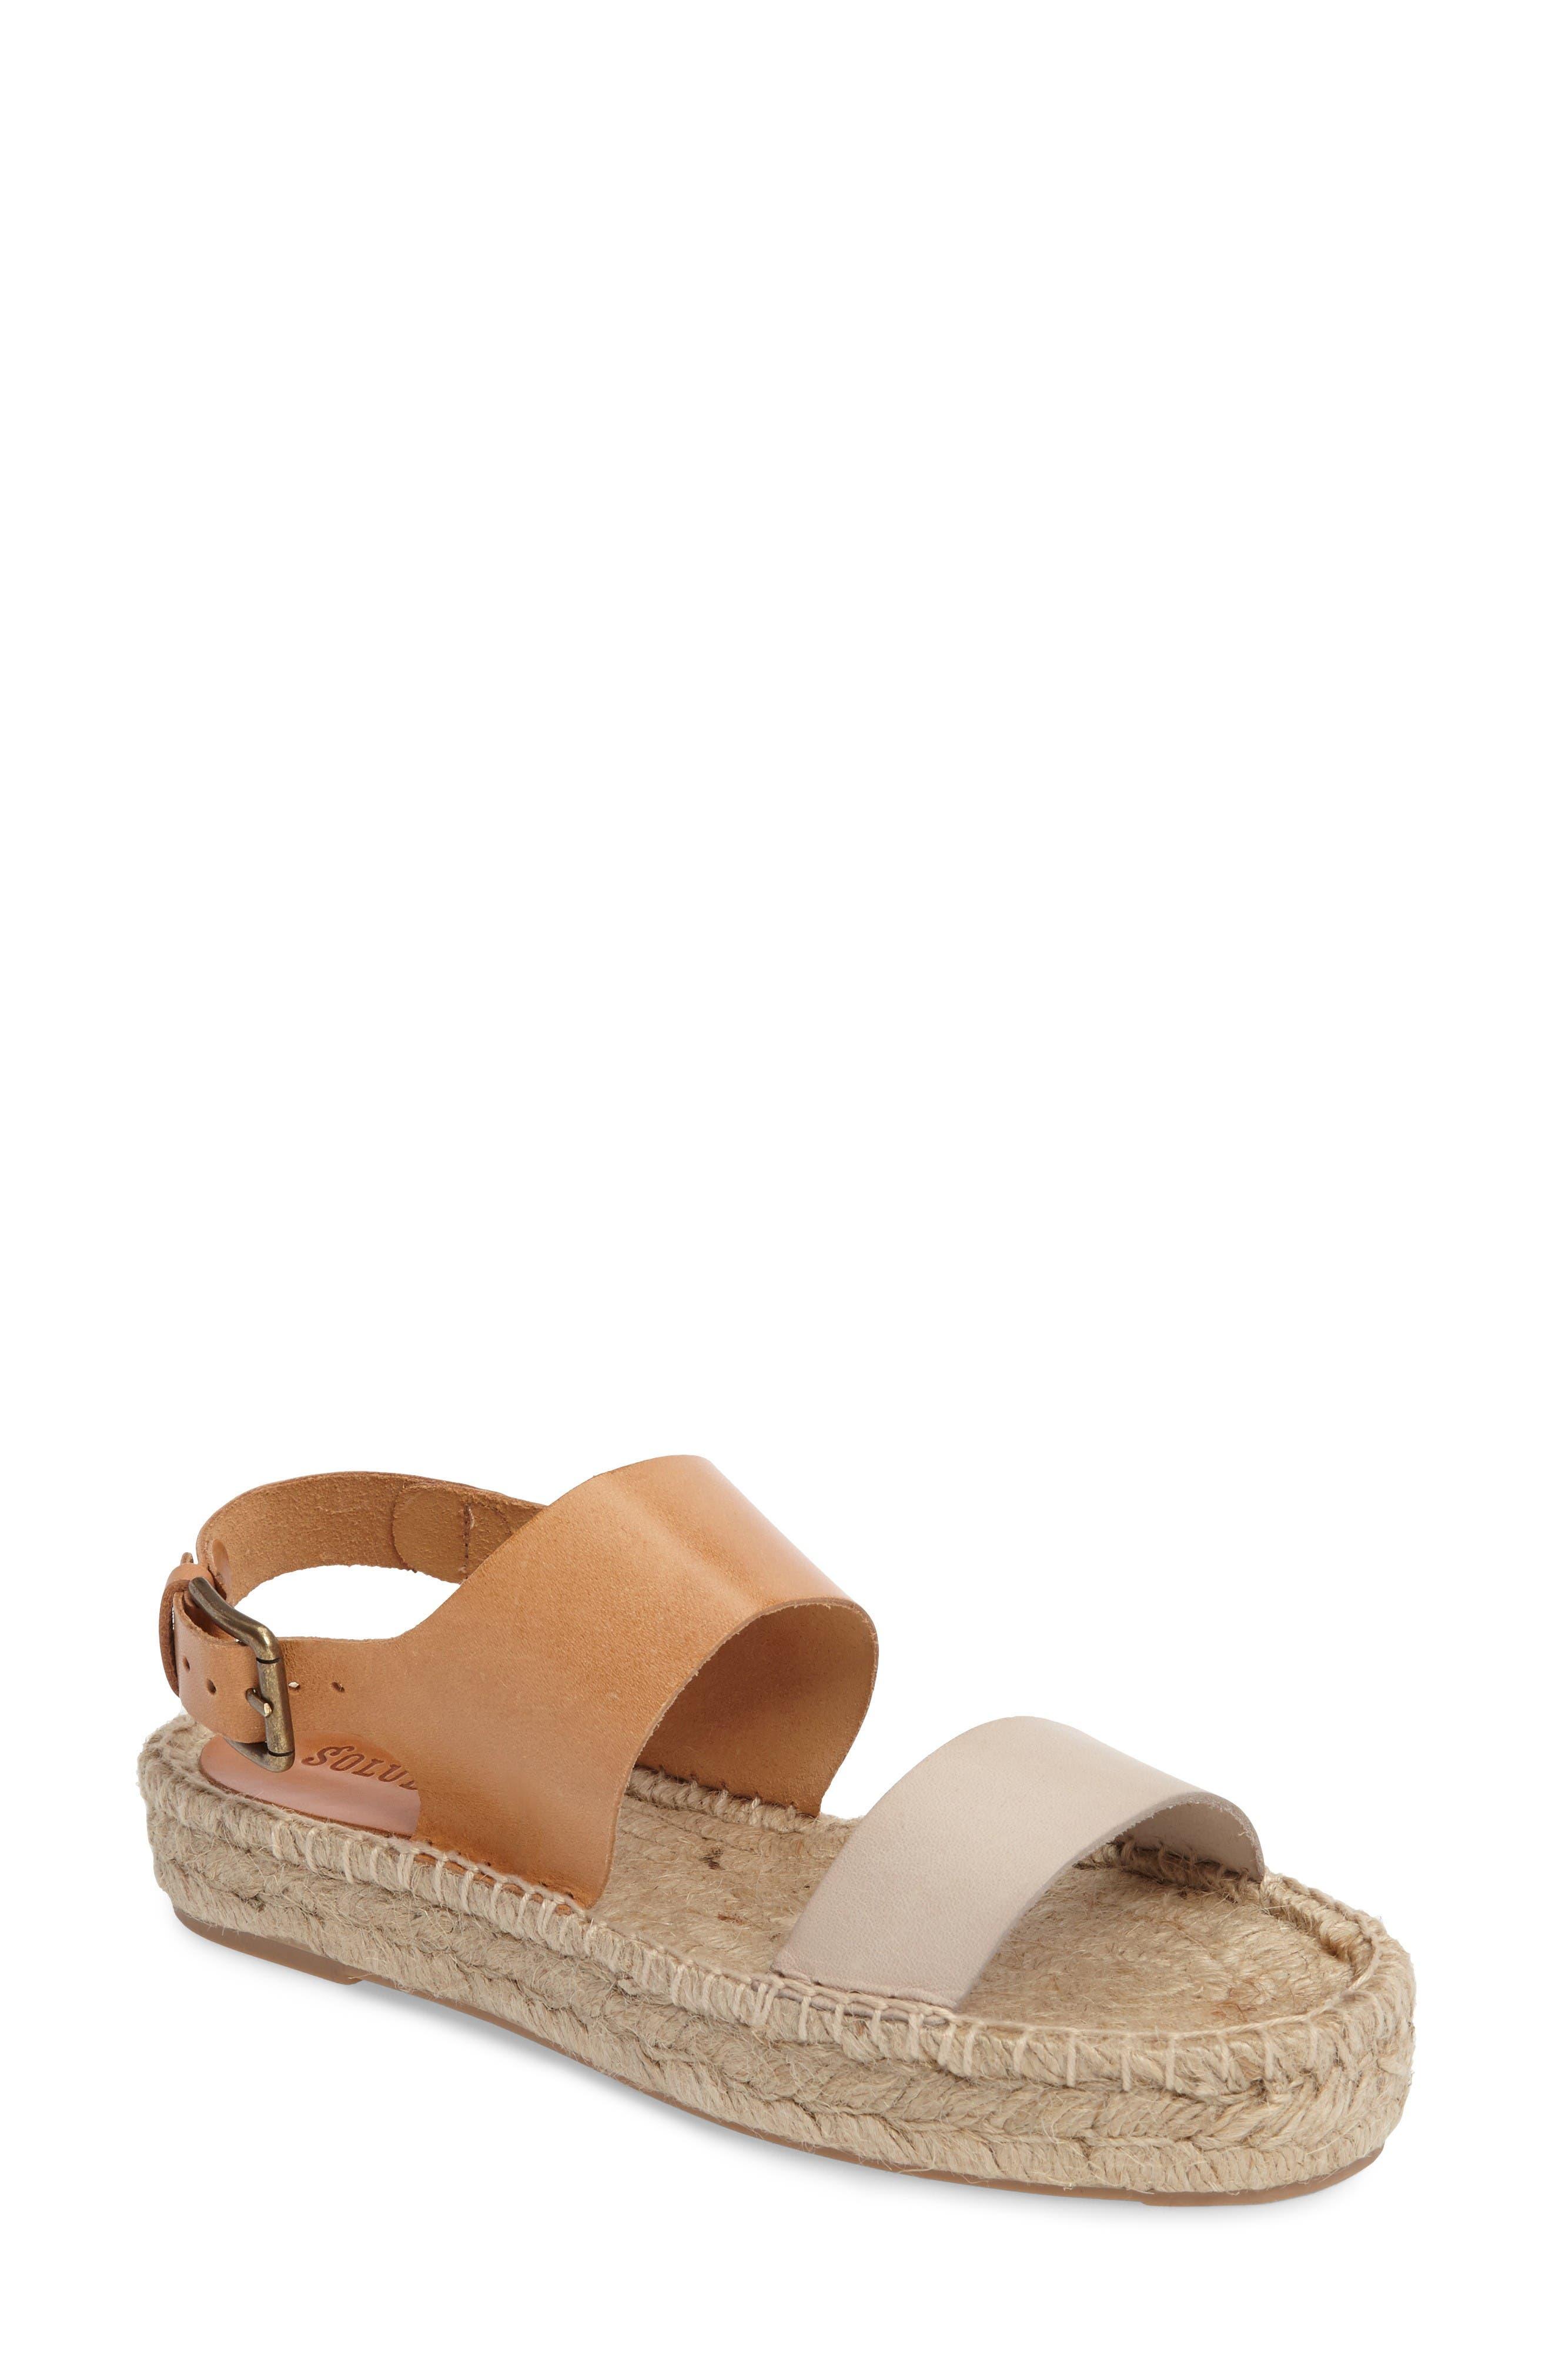 Main Image - Soludos Platform Espadrille Sandal (Women)